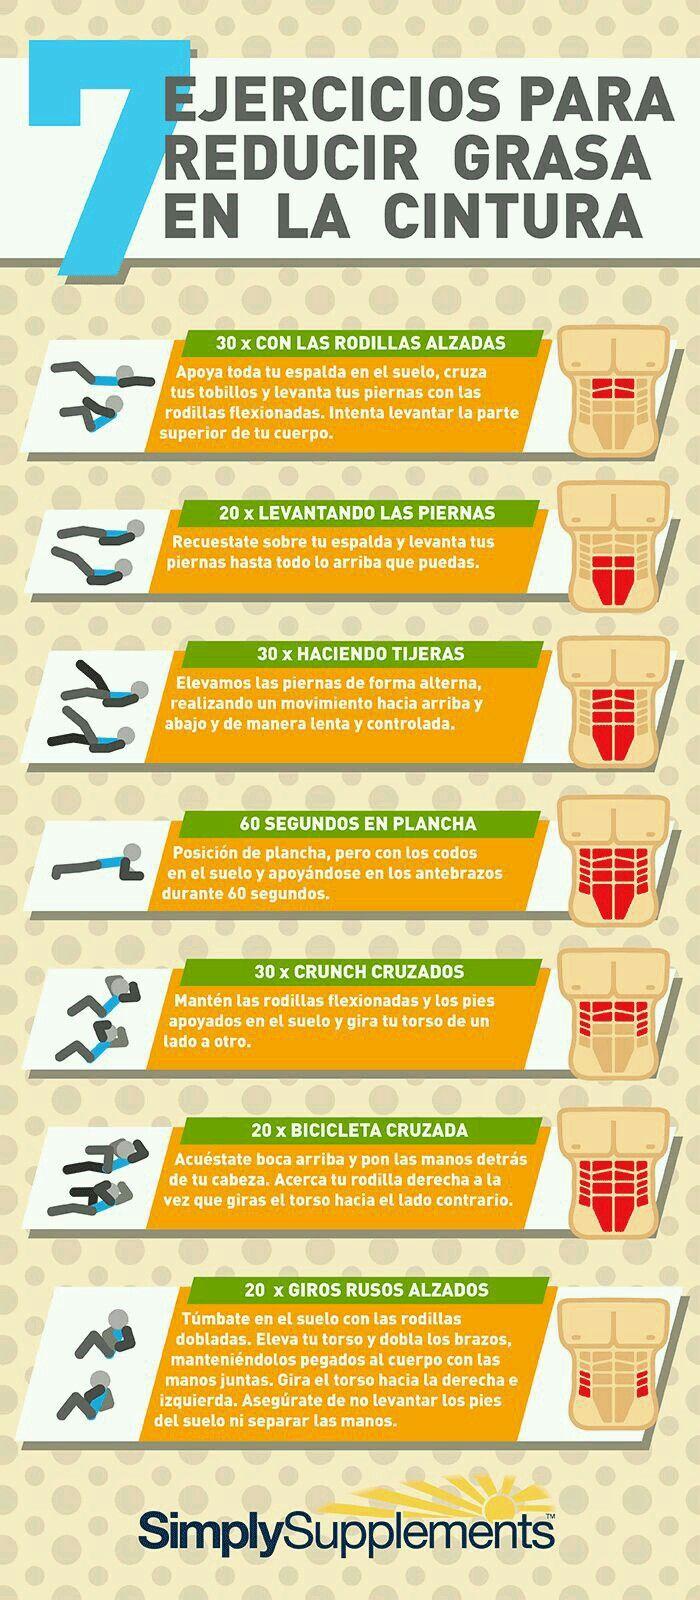 TIPOS DE ABDOMINALES PARA REDUCIR LA GRASA EN LA CINTURA!